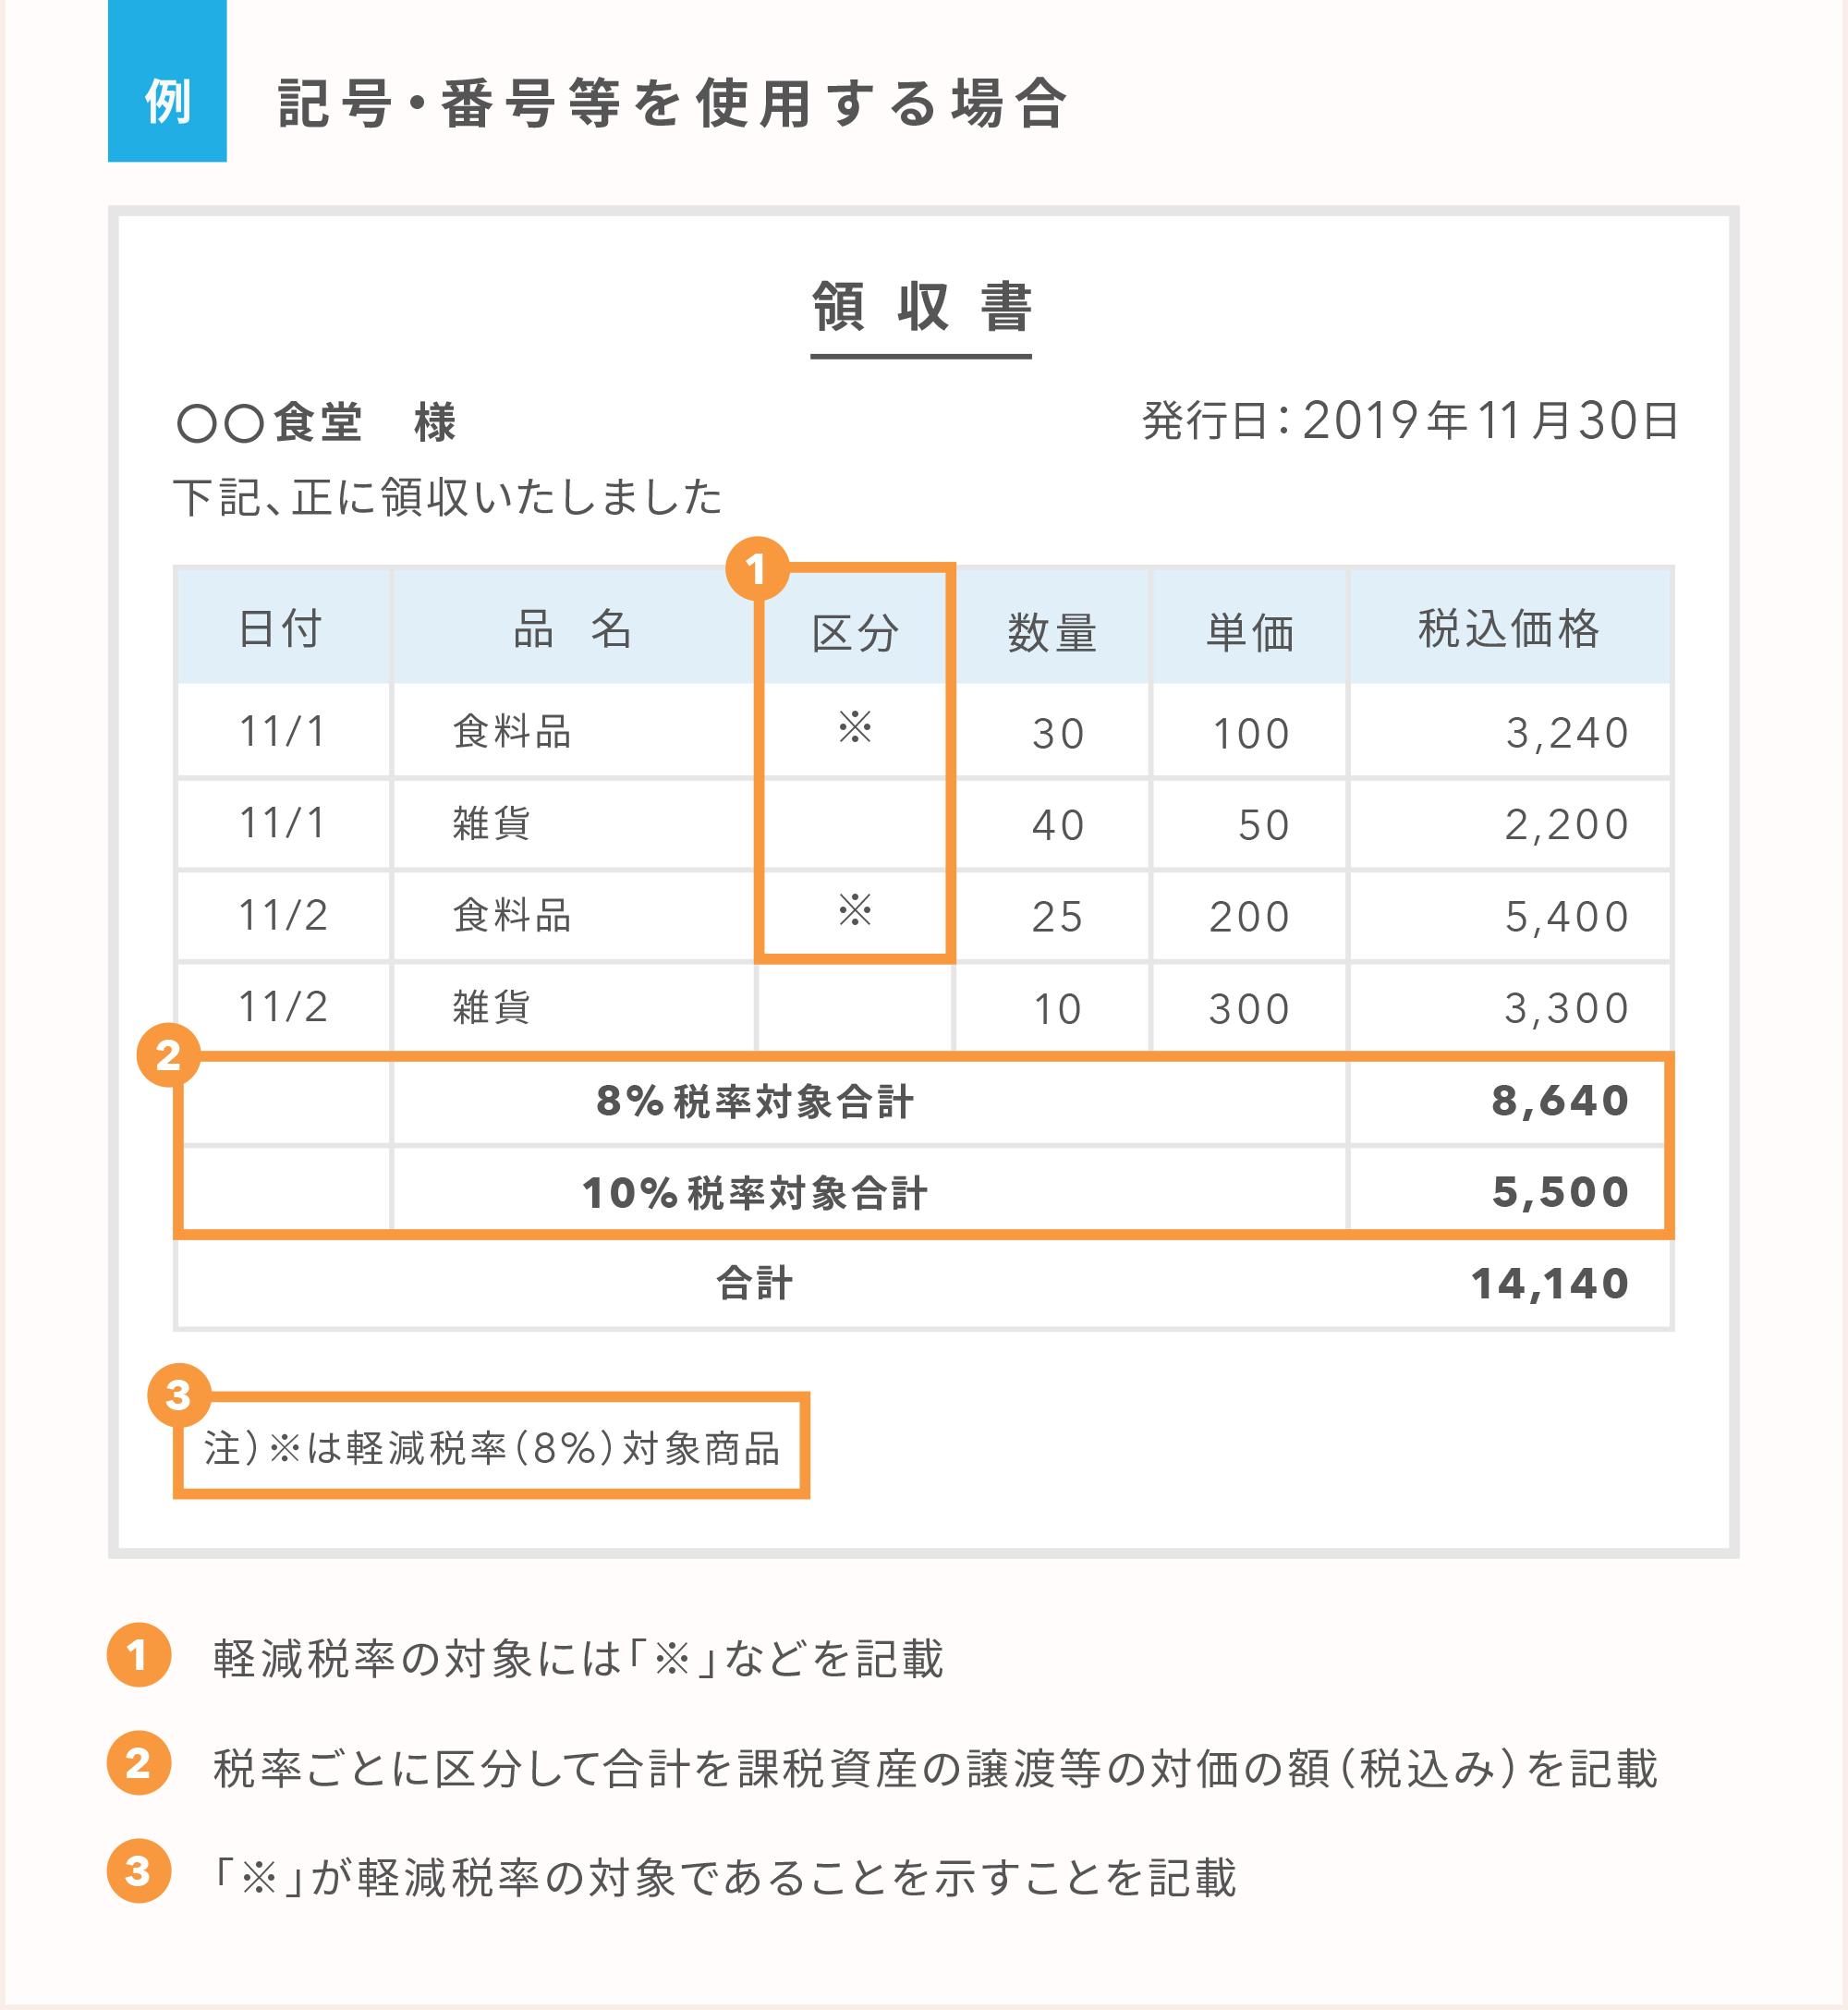 区分記載領収書の例a-1